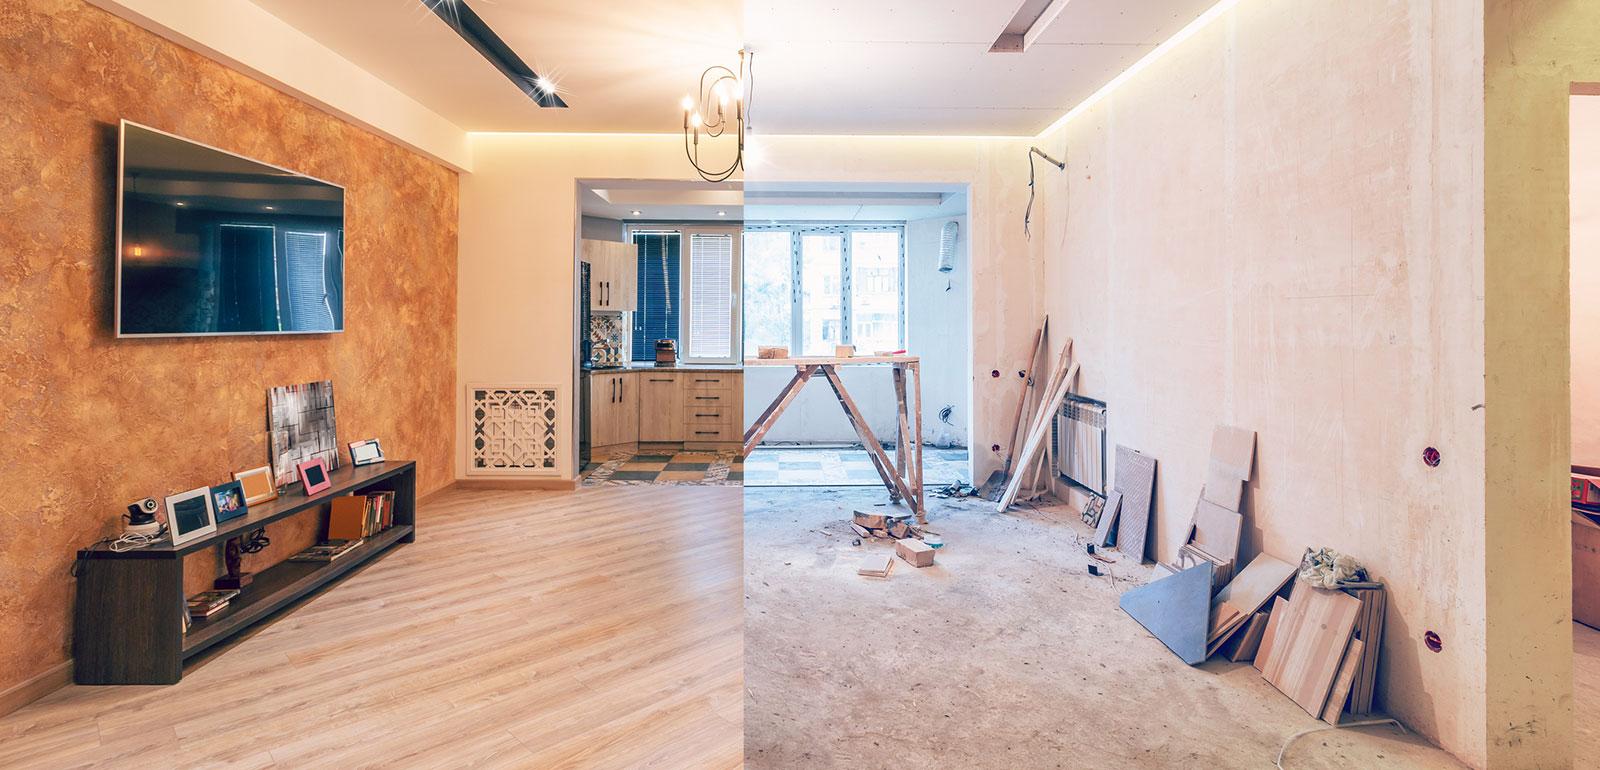 As melhores dicas de reforma para casas e apartamentos.jpg